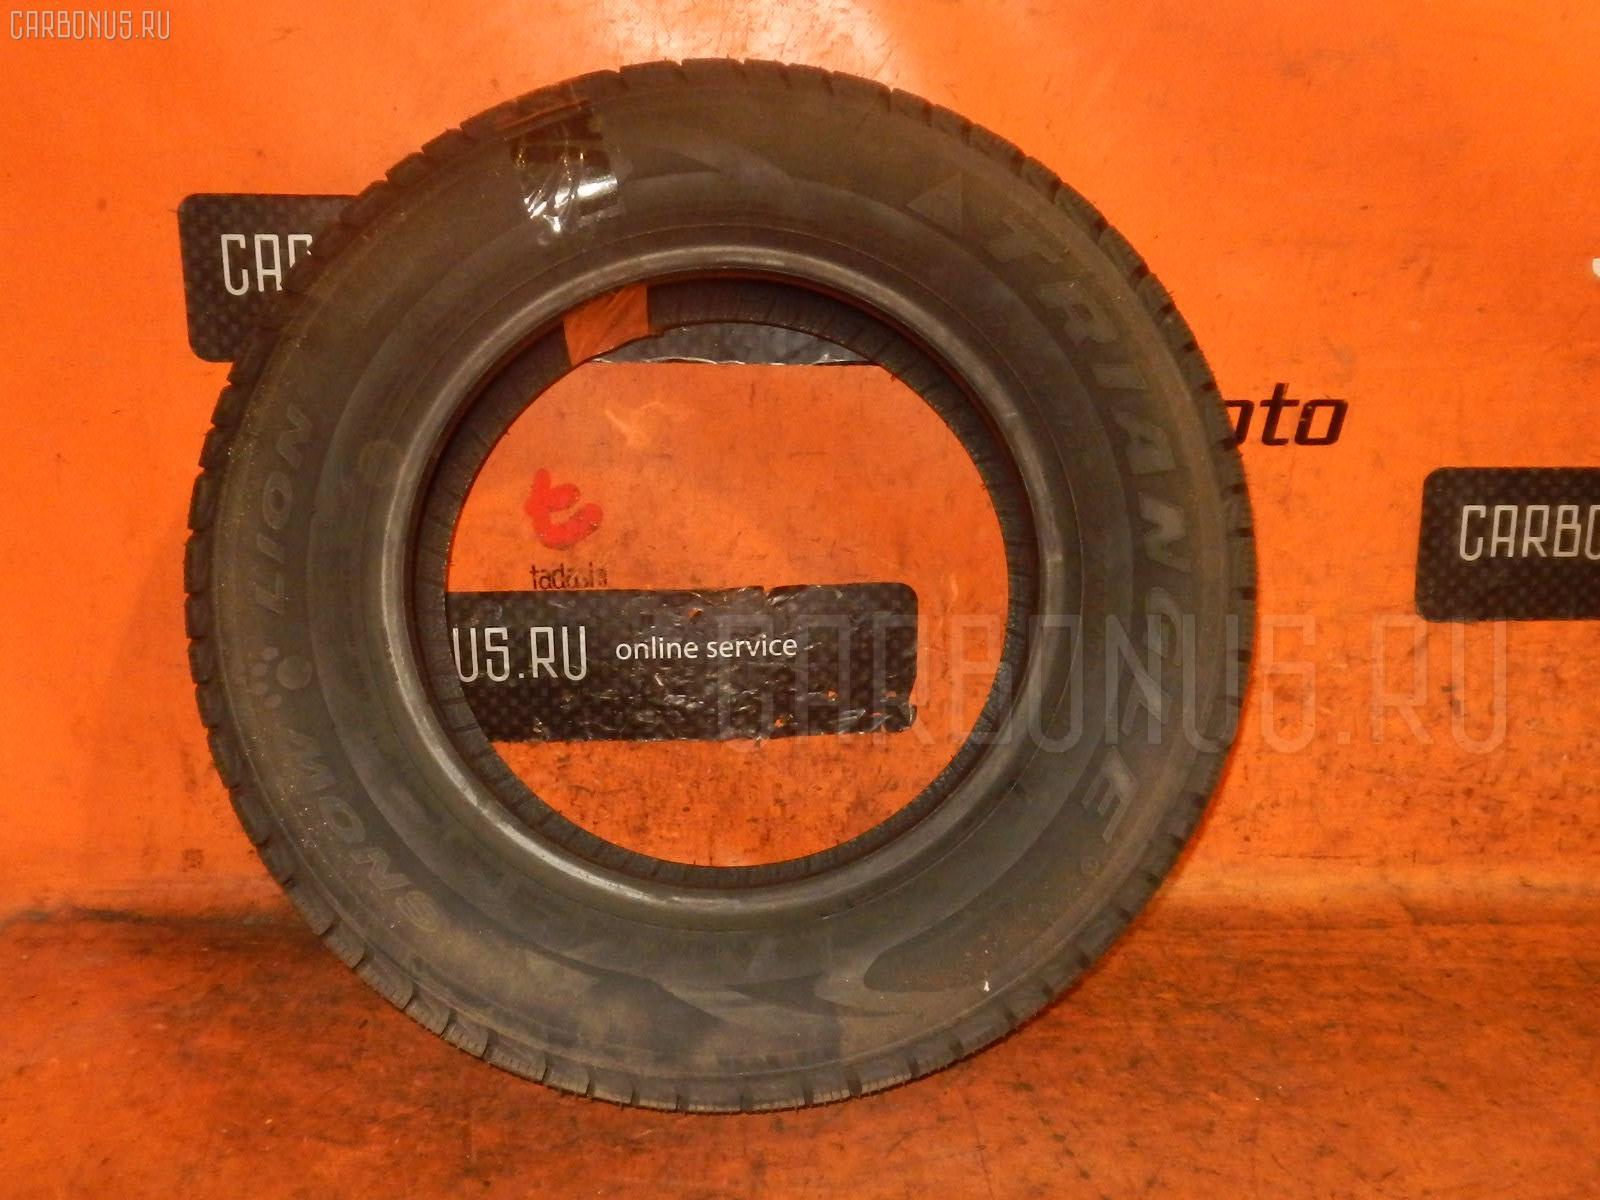 Автошина легковая зимняя Tr777 175/70R13 TRIANGLE Фото 1